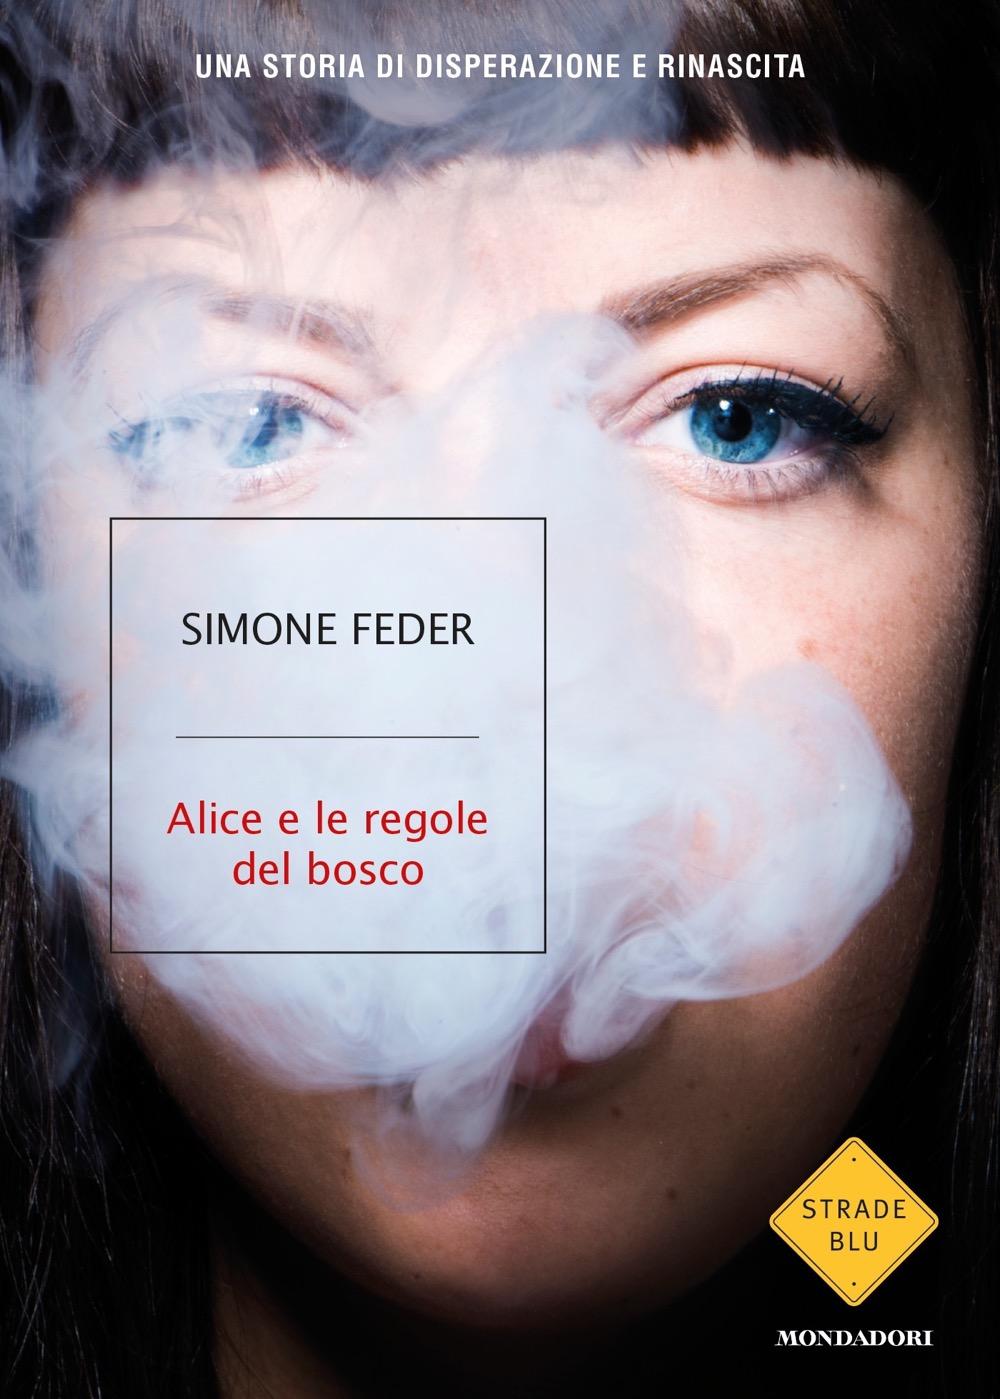 Simone Feder